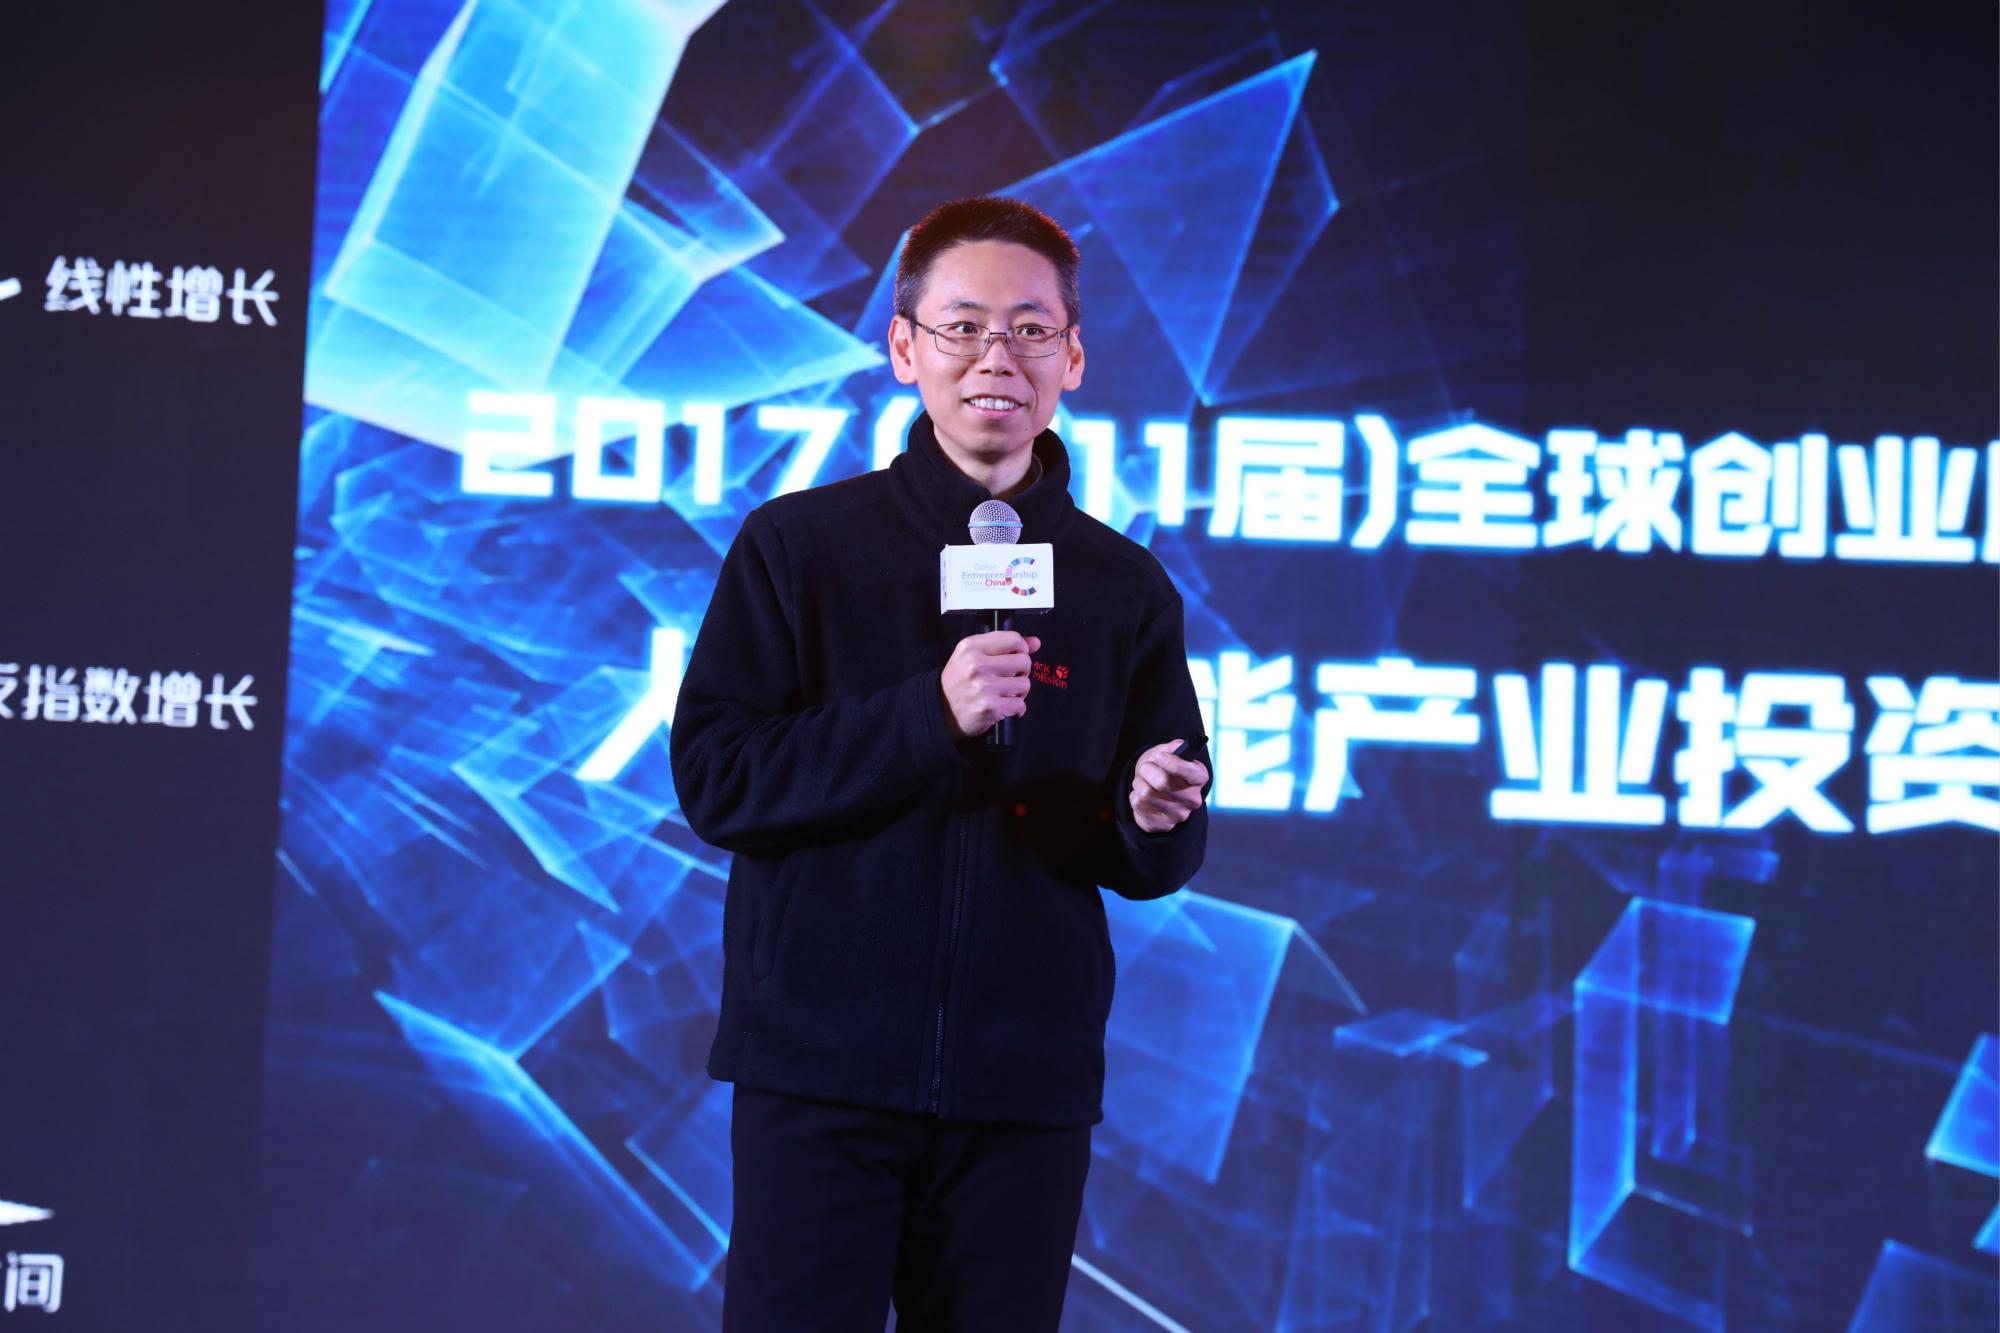 中科创星创始合伙人米磊:未来三十年是硬科技的时代